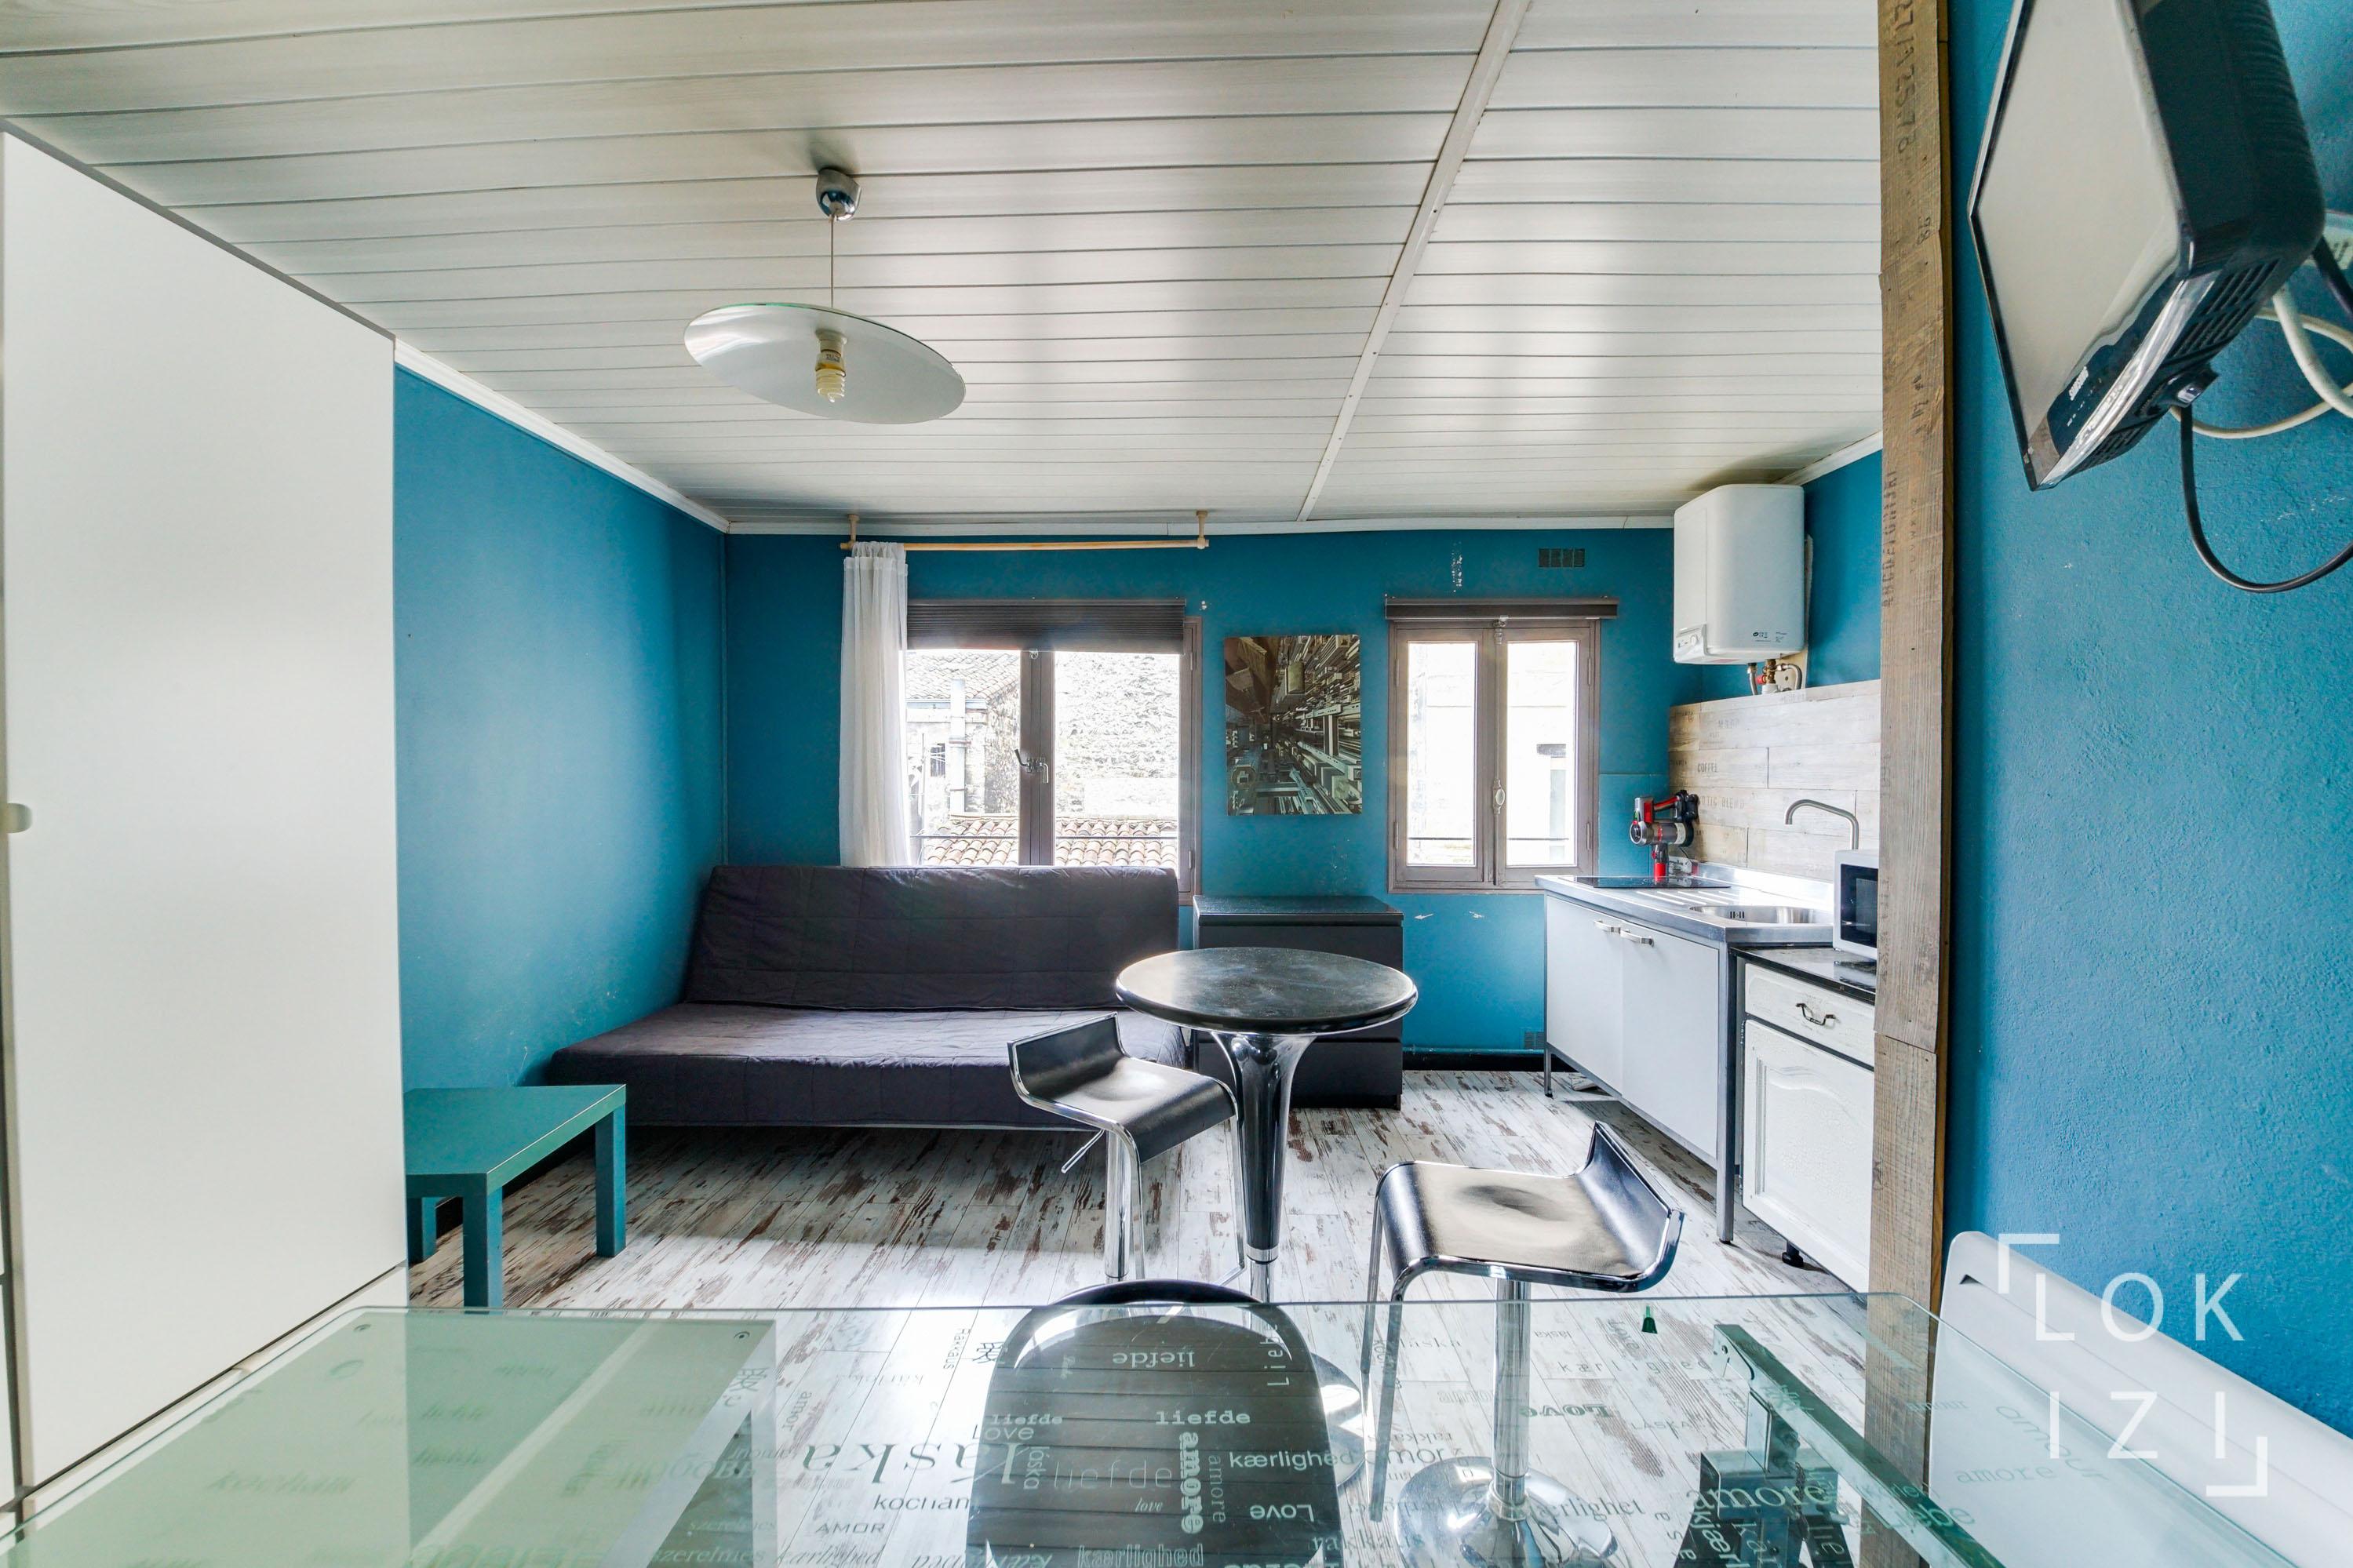 Location Studio Meublé 20M² (Bordeaux Centre) Par Lokizi pour Studio Meublé Bordeaux